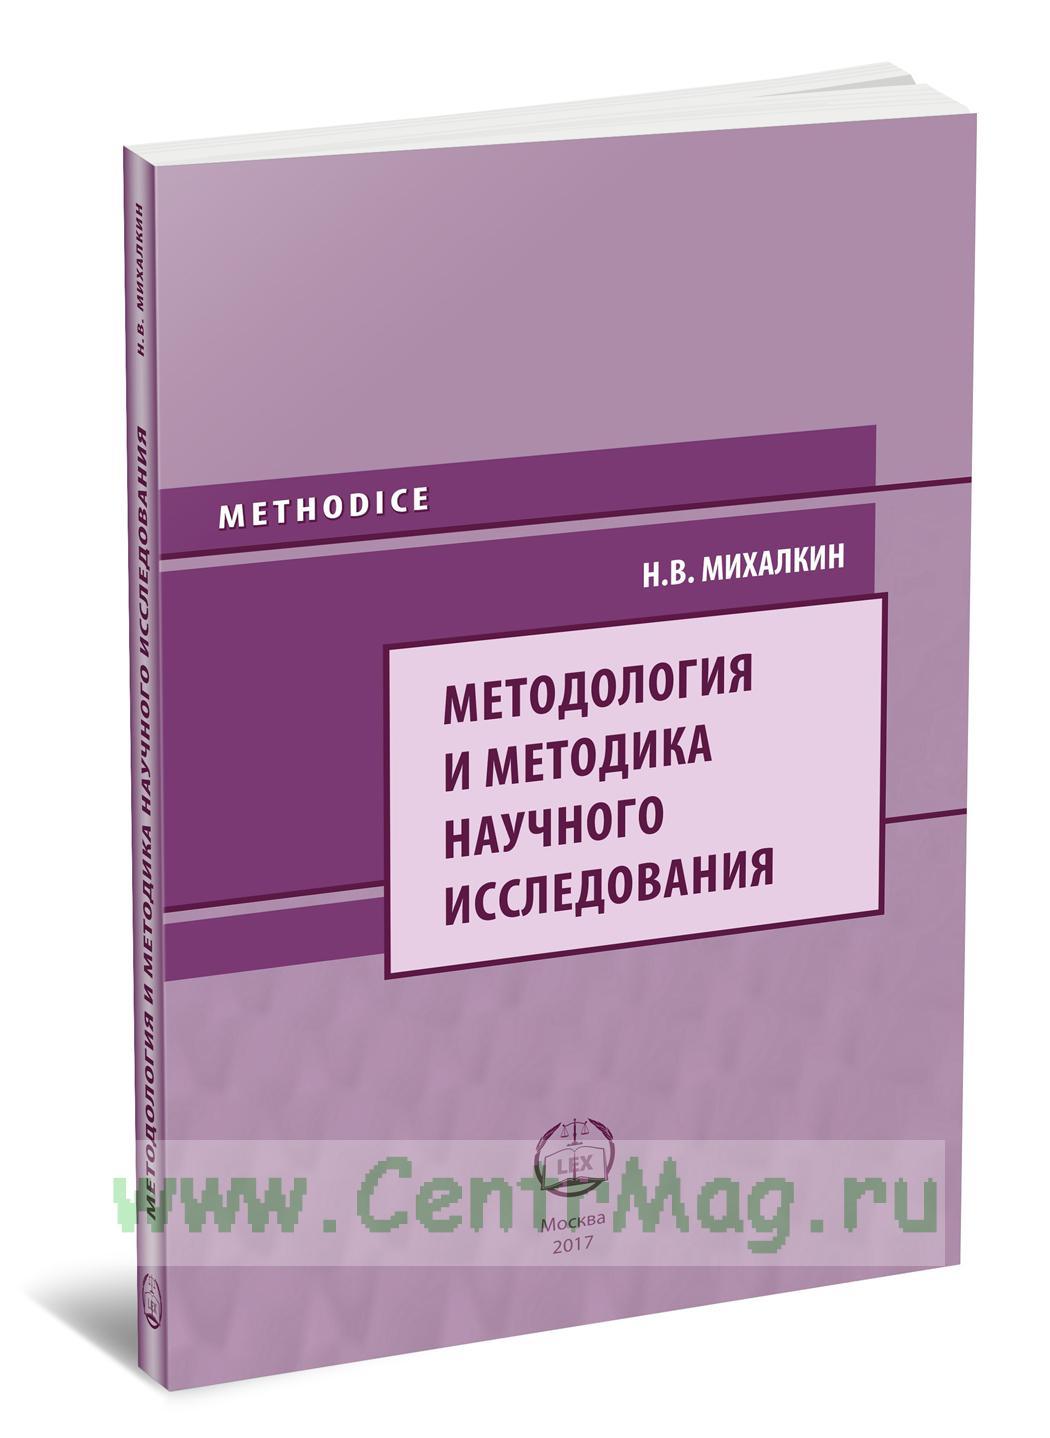 Методология и методика научного исследования: Учебное пособие для аспирантов